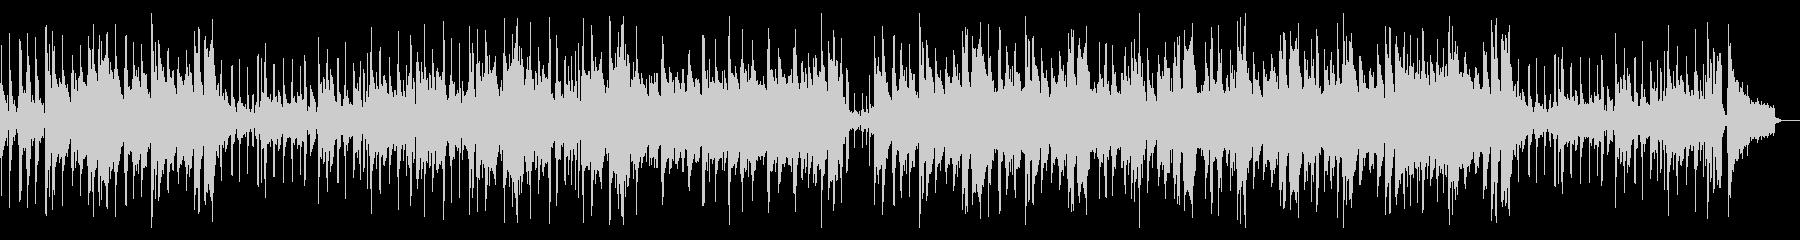 企業VPや映像にJAZZピアノレトロ風の未再生の波形